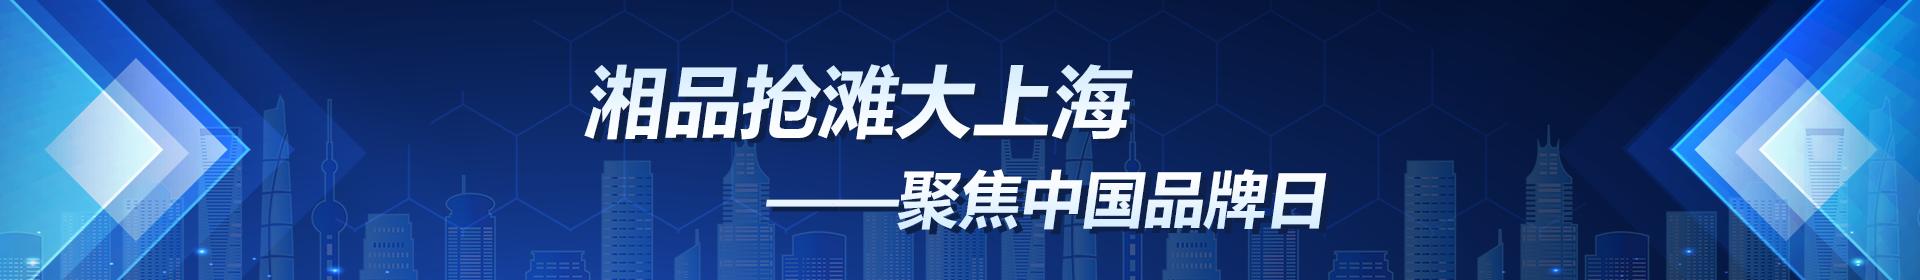 湘品抢滩大上海——聚焦中国品牌日